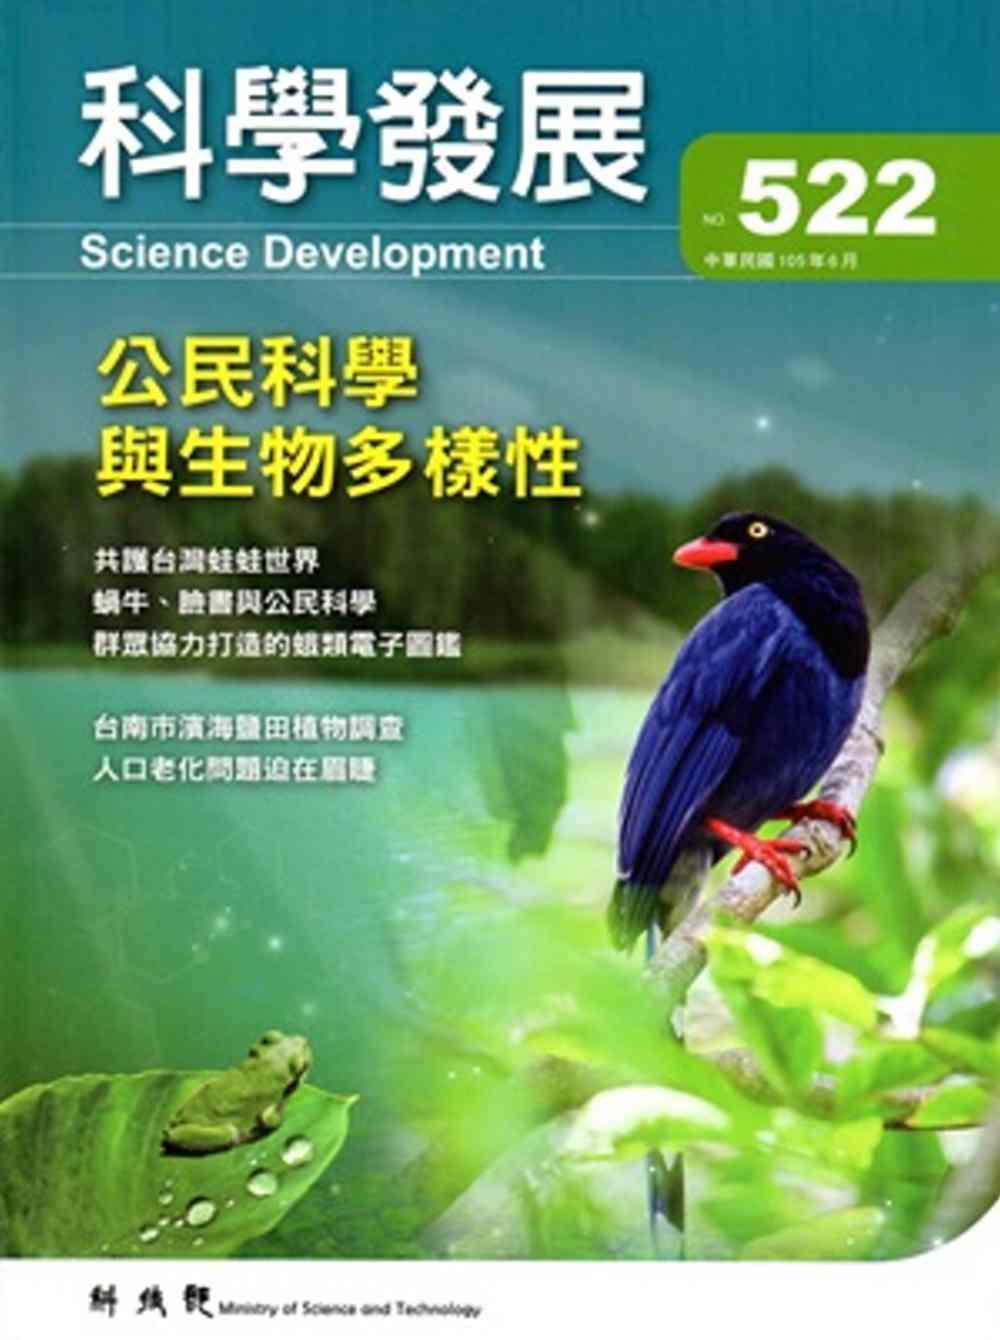 科學發展月刊第522期^(105 06^)